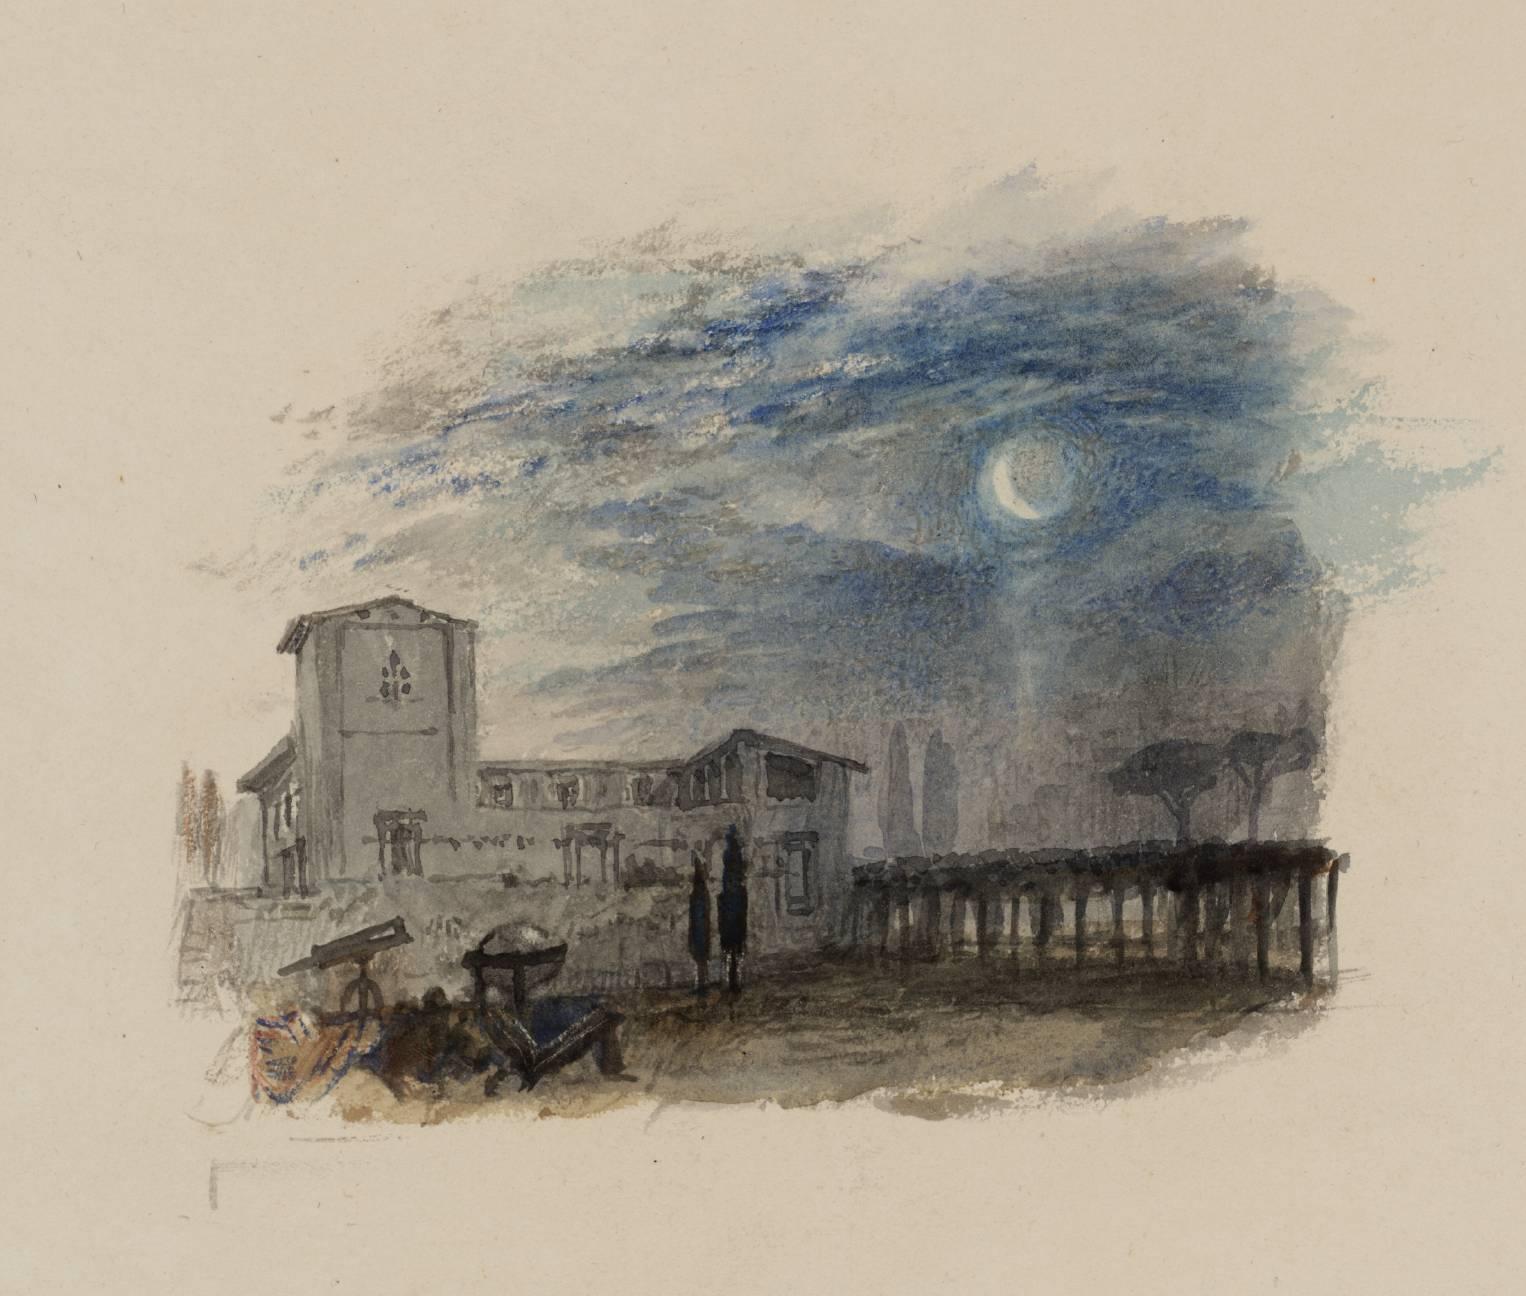 Η βίλα του Γαλιλαίου -Joseph Mallord William Turner - 1826